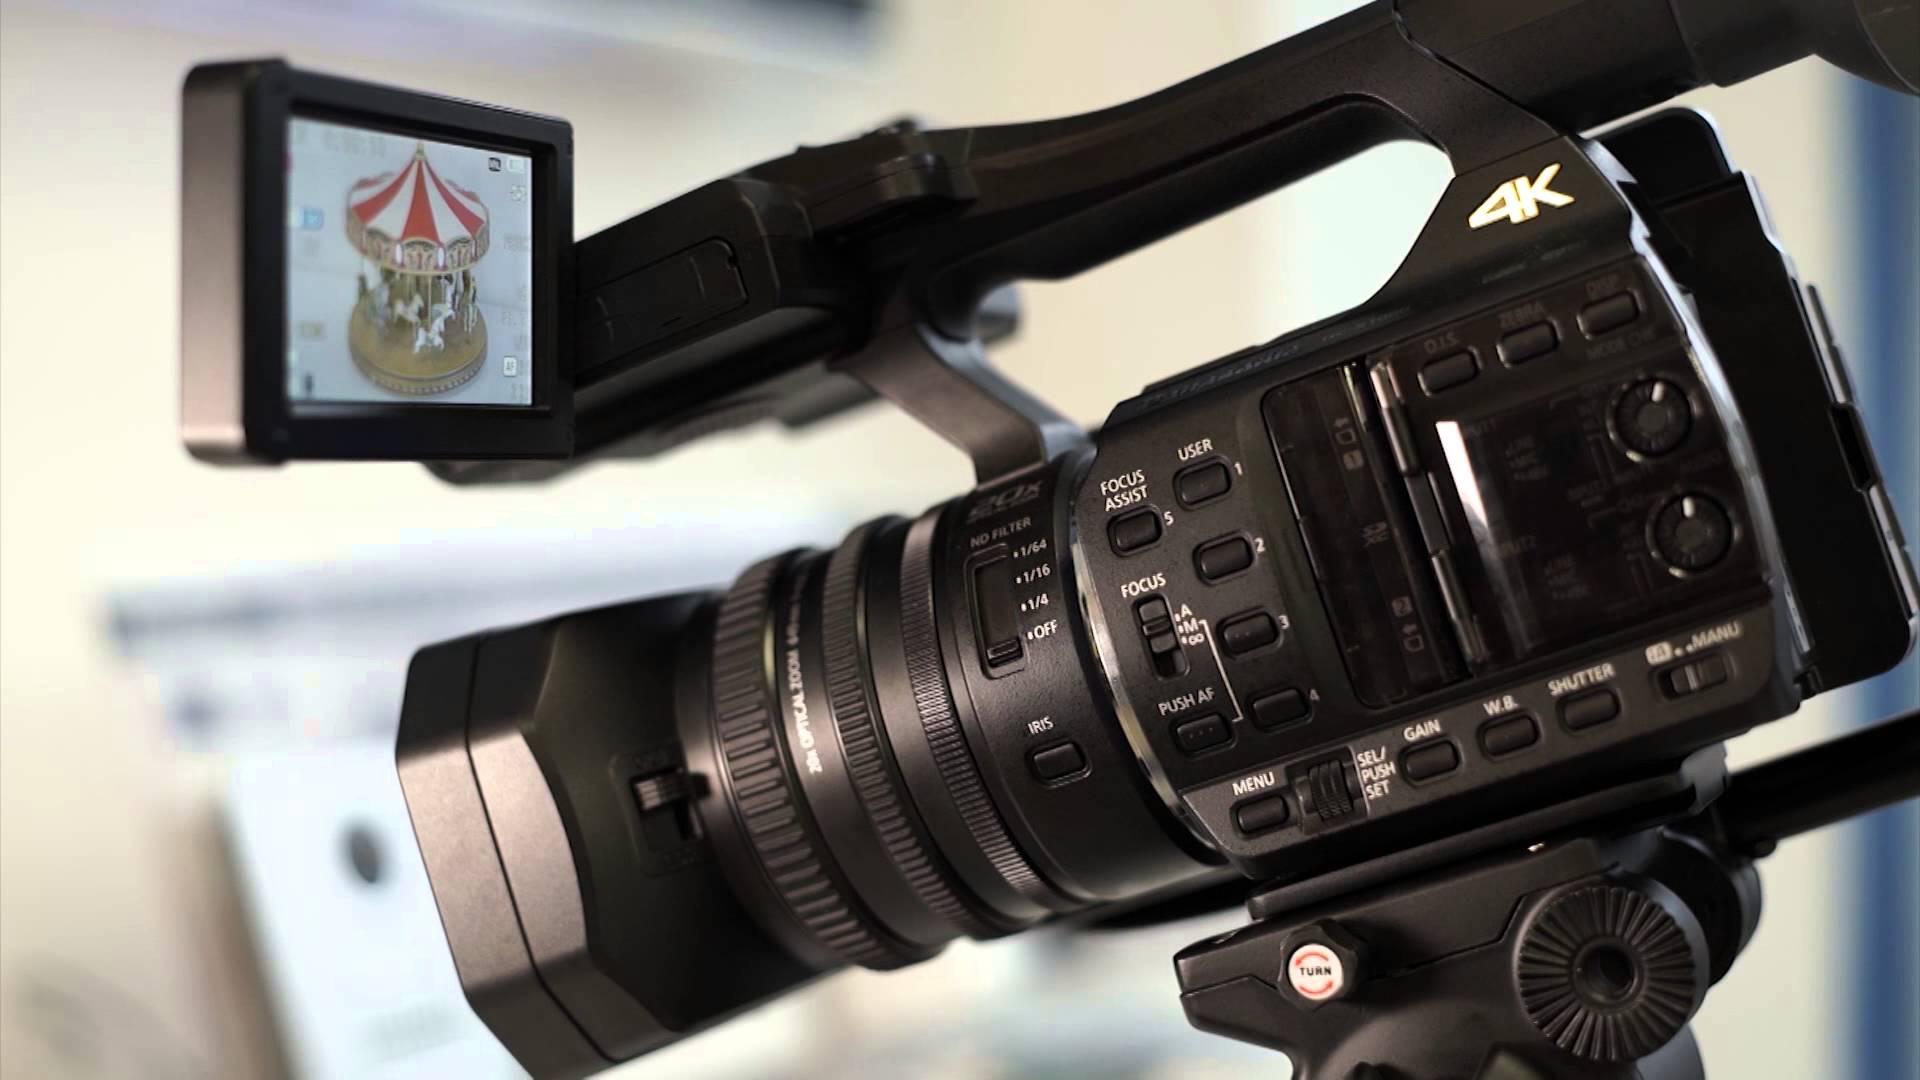 Grădinițele ar putea fi obligate să aibă camere de supraveghere video și audio